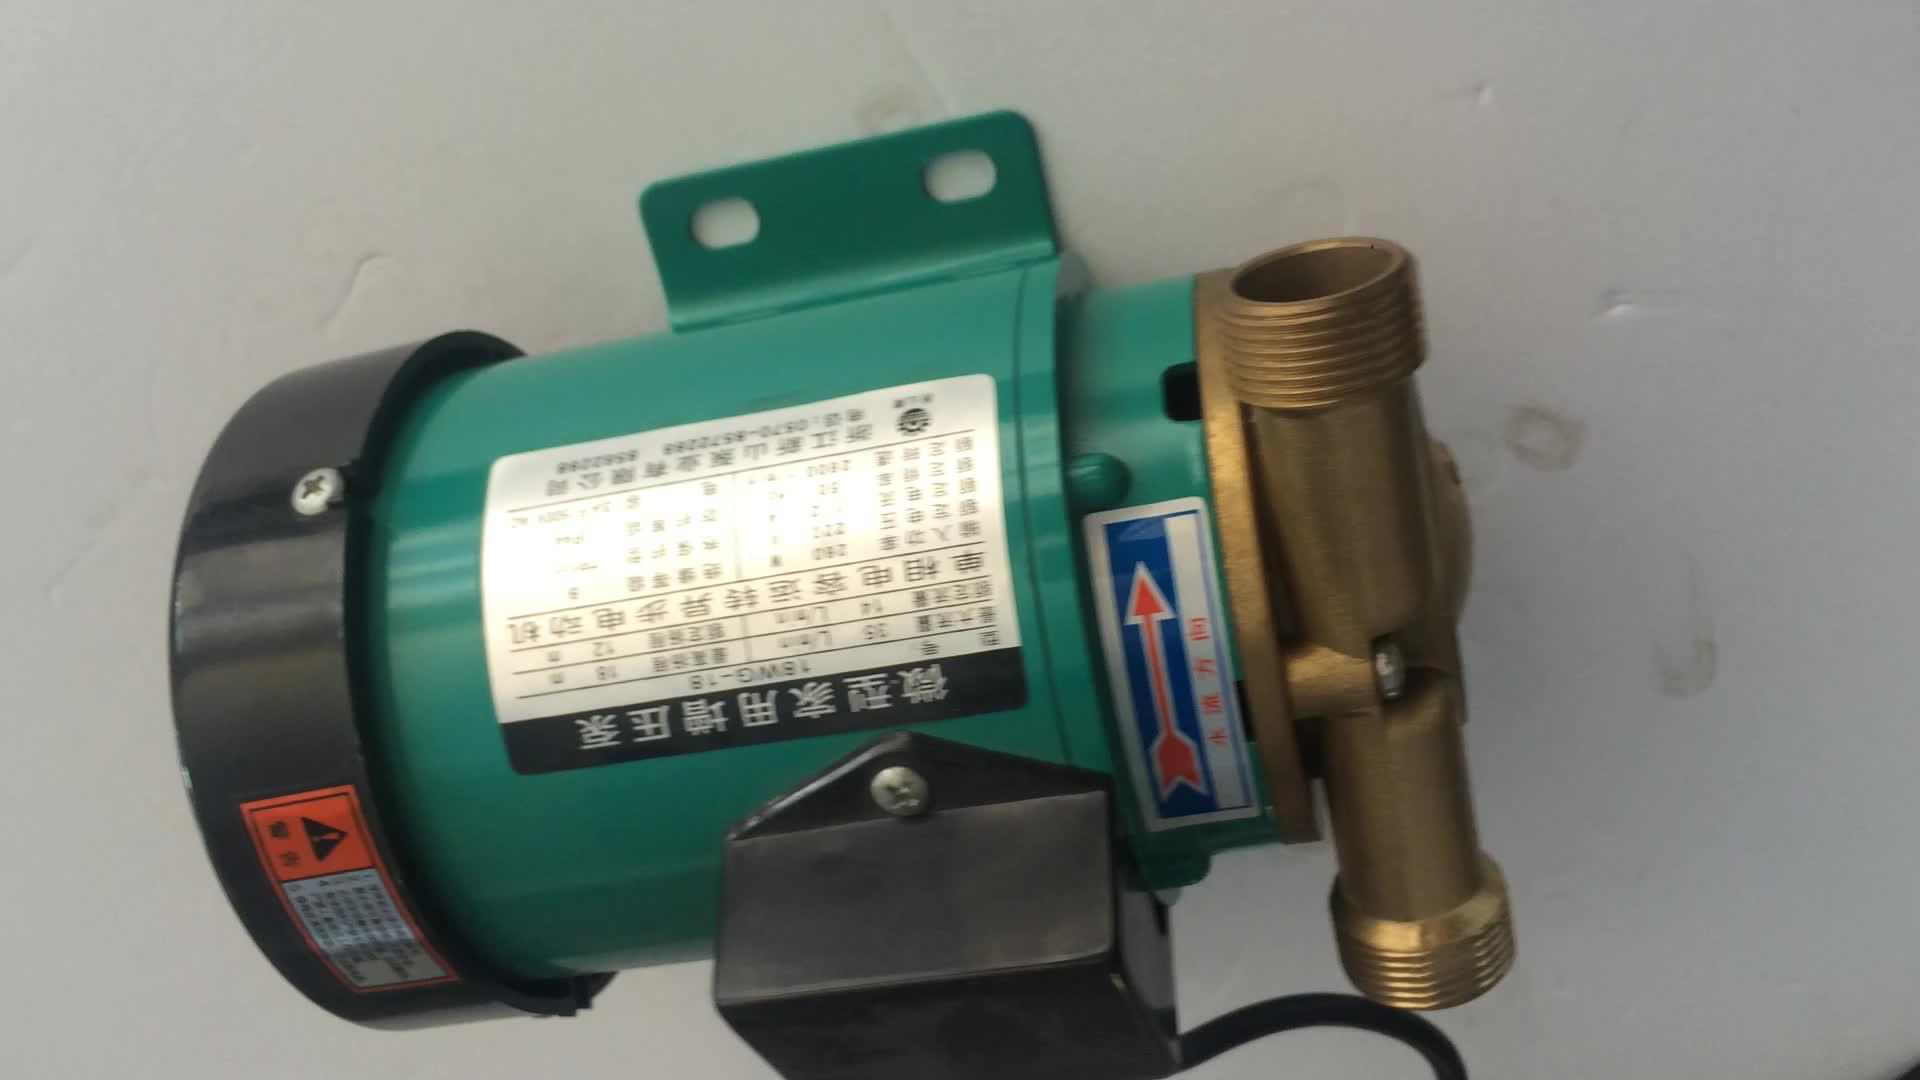 Sisan 18wg-18 Best-selling Micro Low Pressure Water Transfer Ro Booster 12v Air Pump